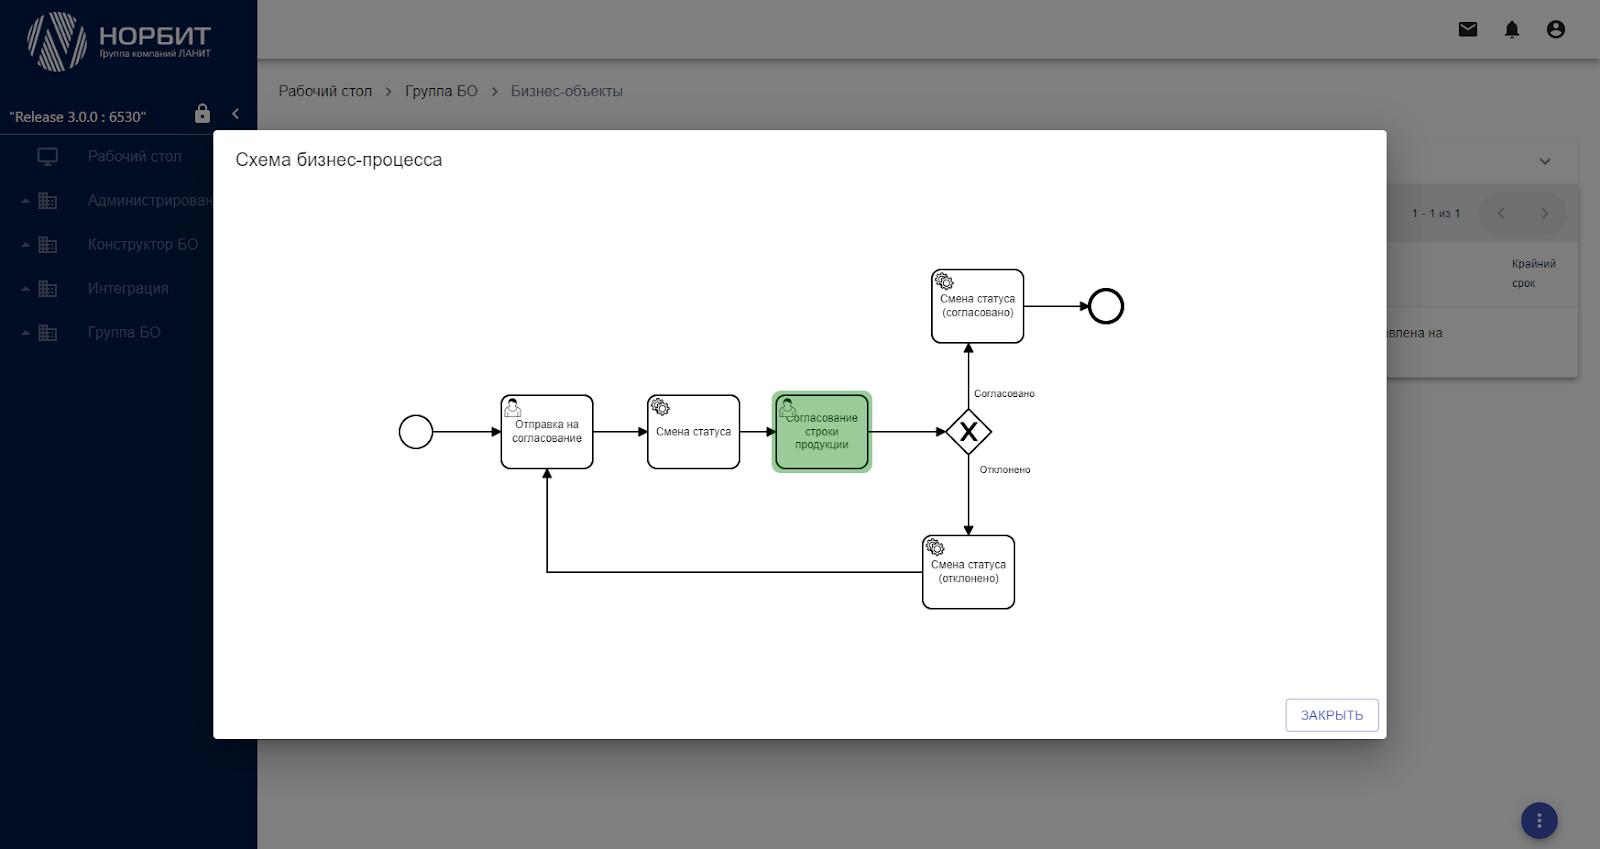 Как мы разрабатывали кроссплатформенную BPMS - 7